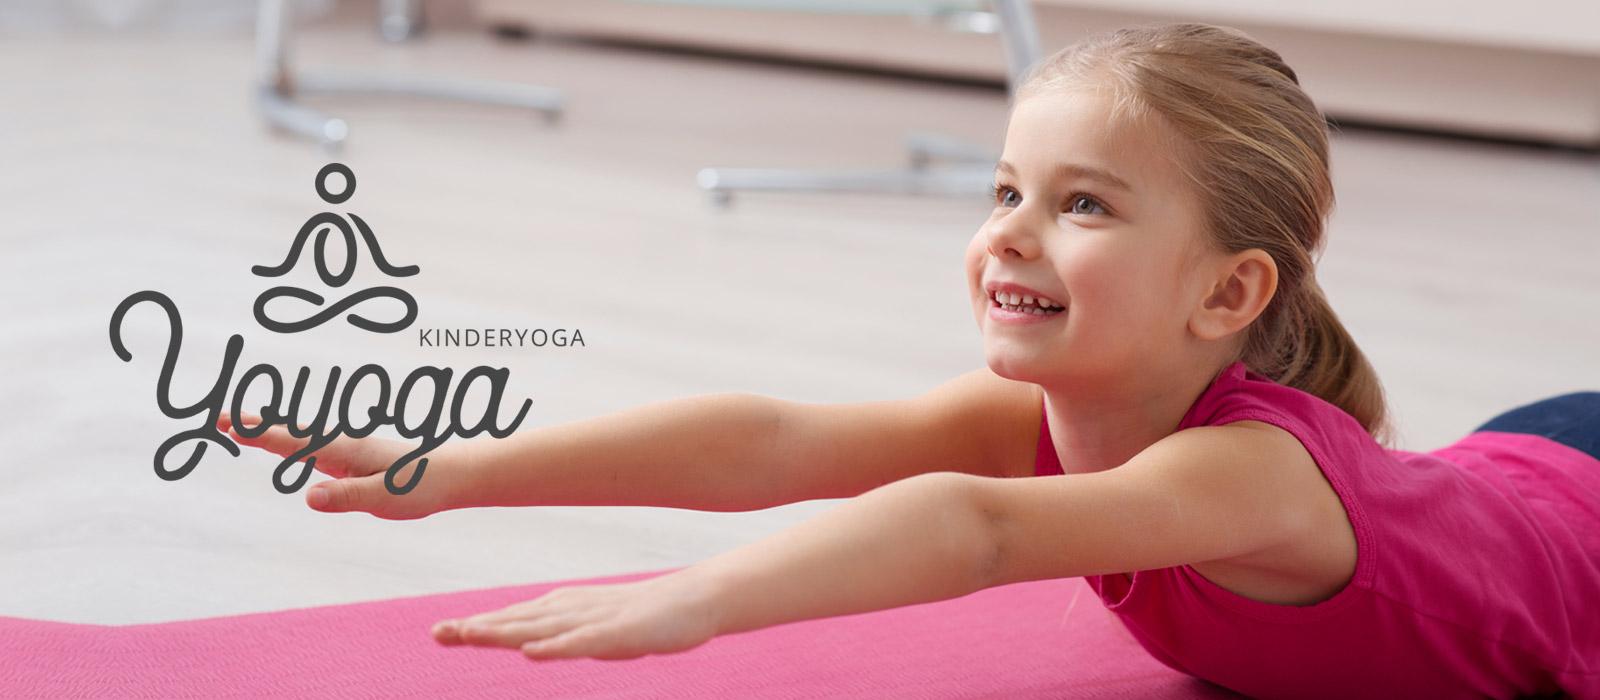 Yo-yoga-kinderyoga-denhaag